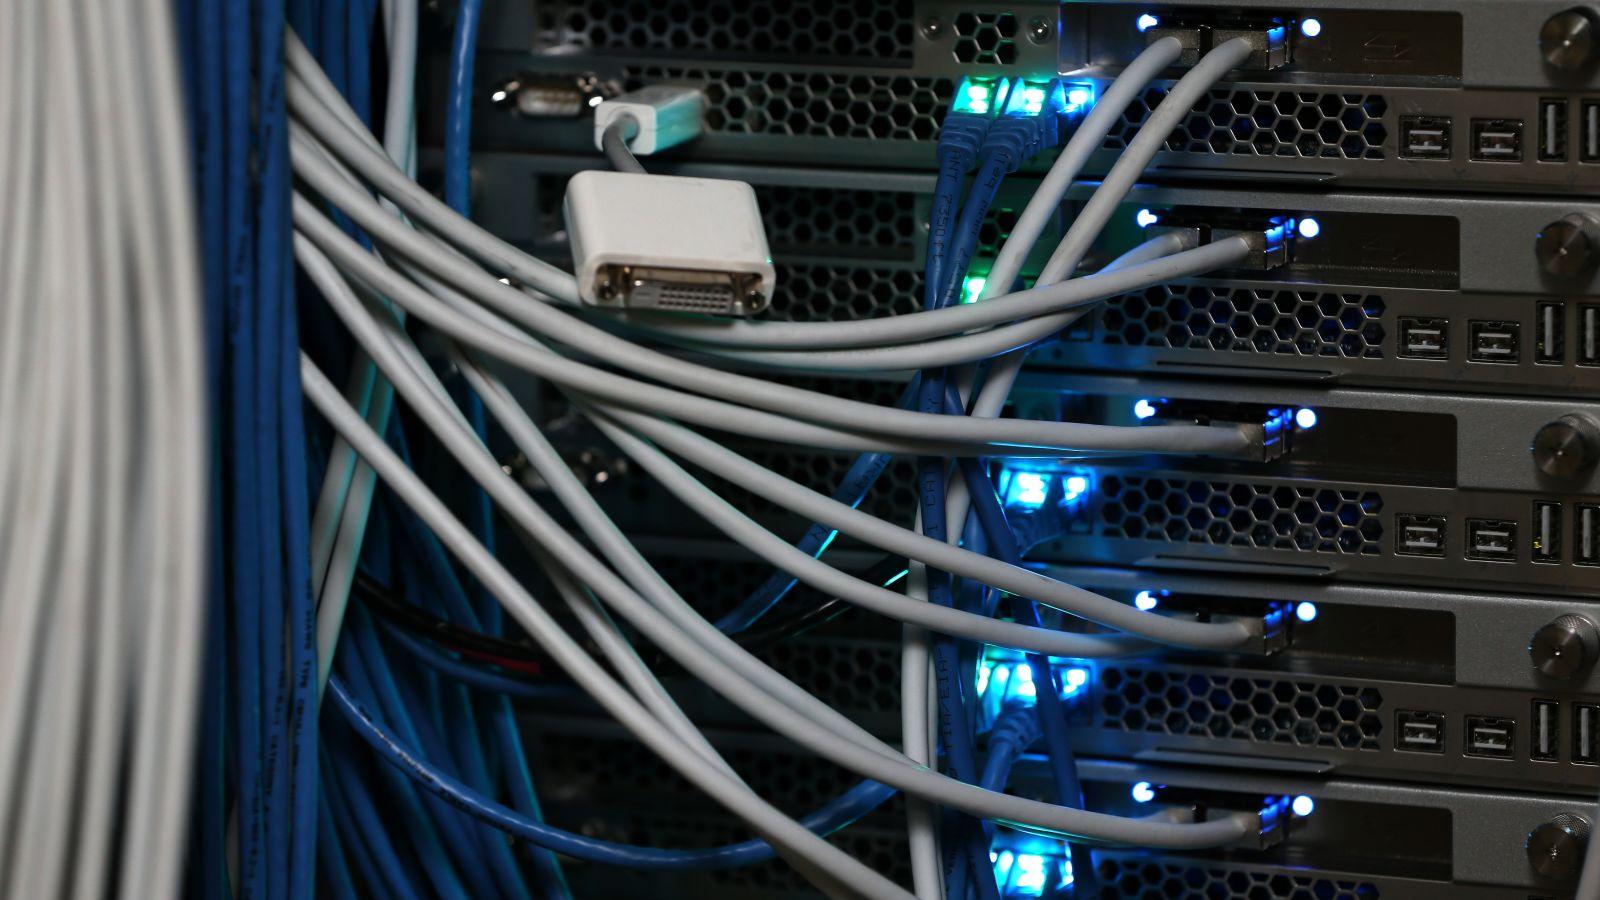 Amazon призывает Bloomberg отказаться от громких заявлений в статье о китайских шпионских модулях в серверах - 1